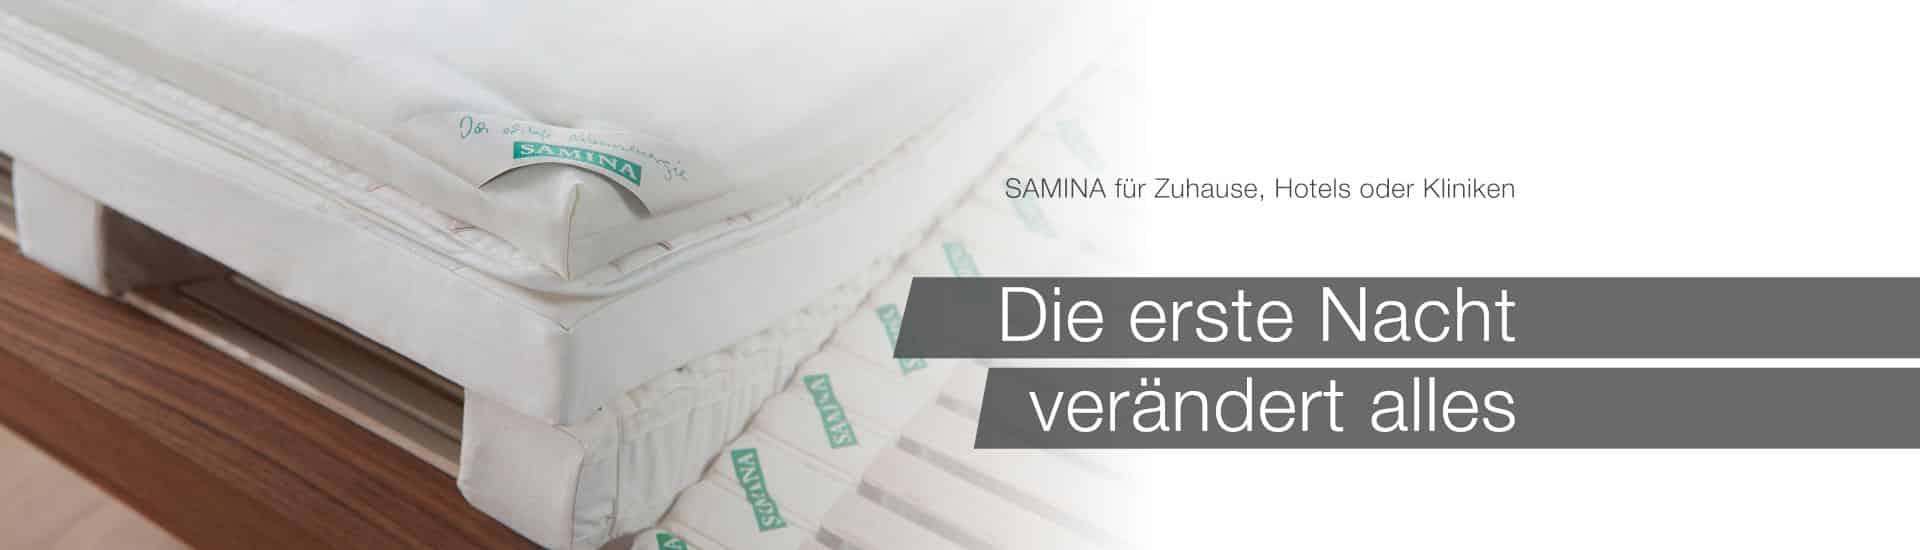 SAMINA Online-Shop - Finden auch Sie Ihren gesunden Schlaf!